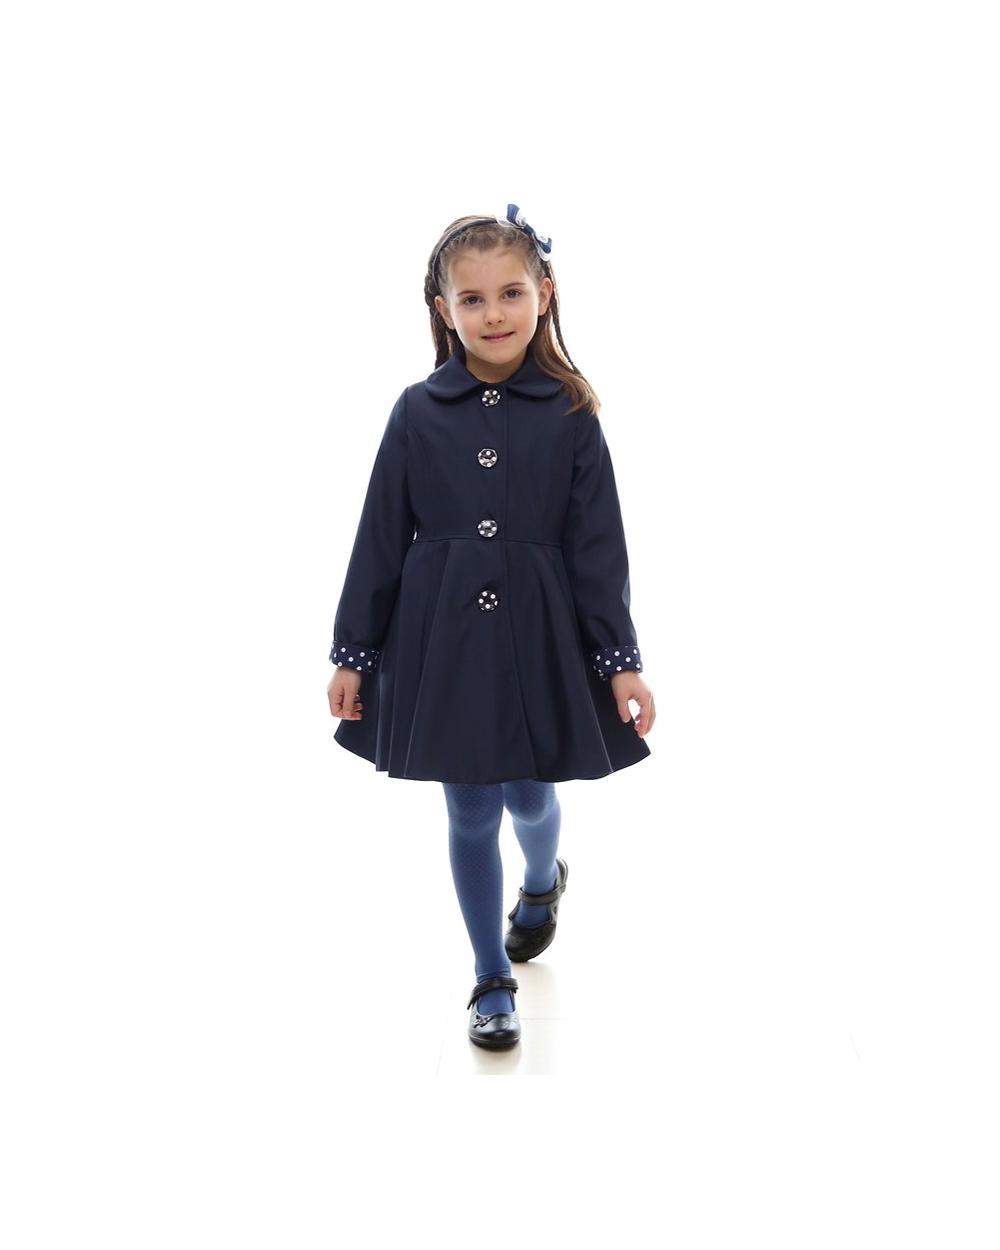 dievčenský jarný kabát POLLY tmavomodrý. skladom fa3137f0736